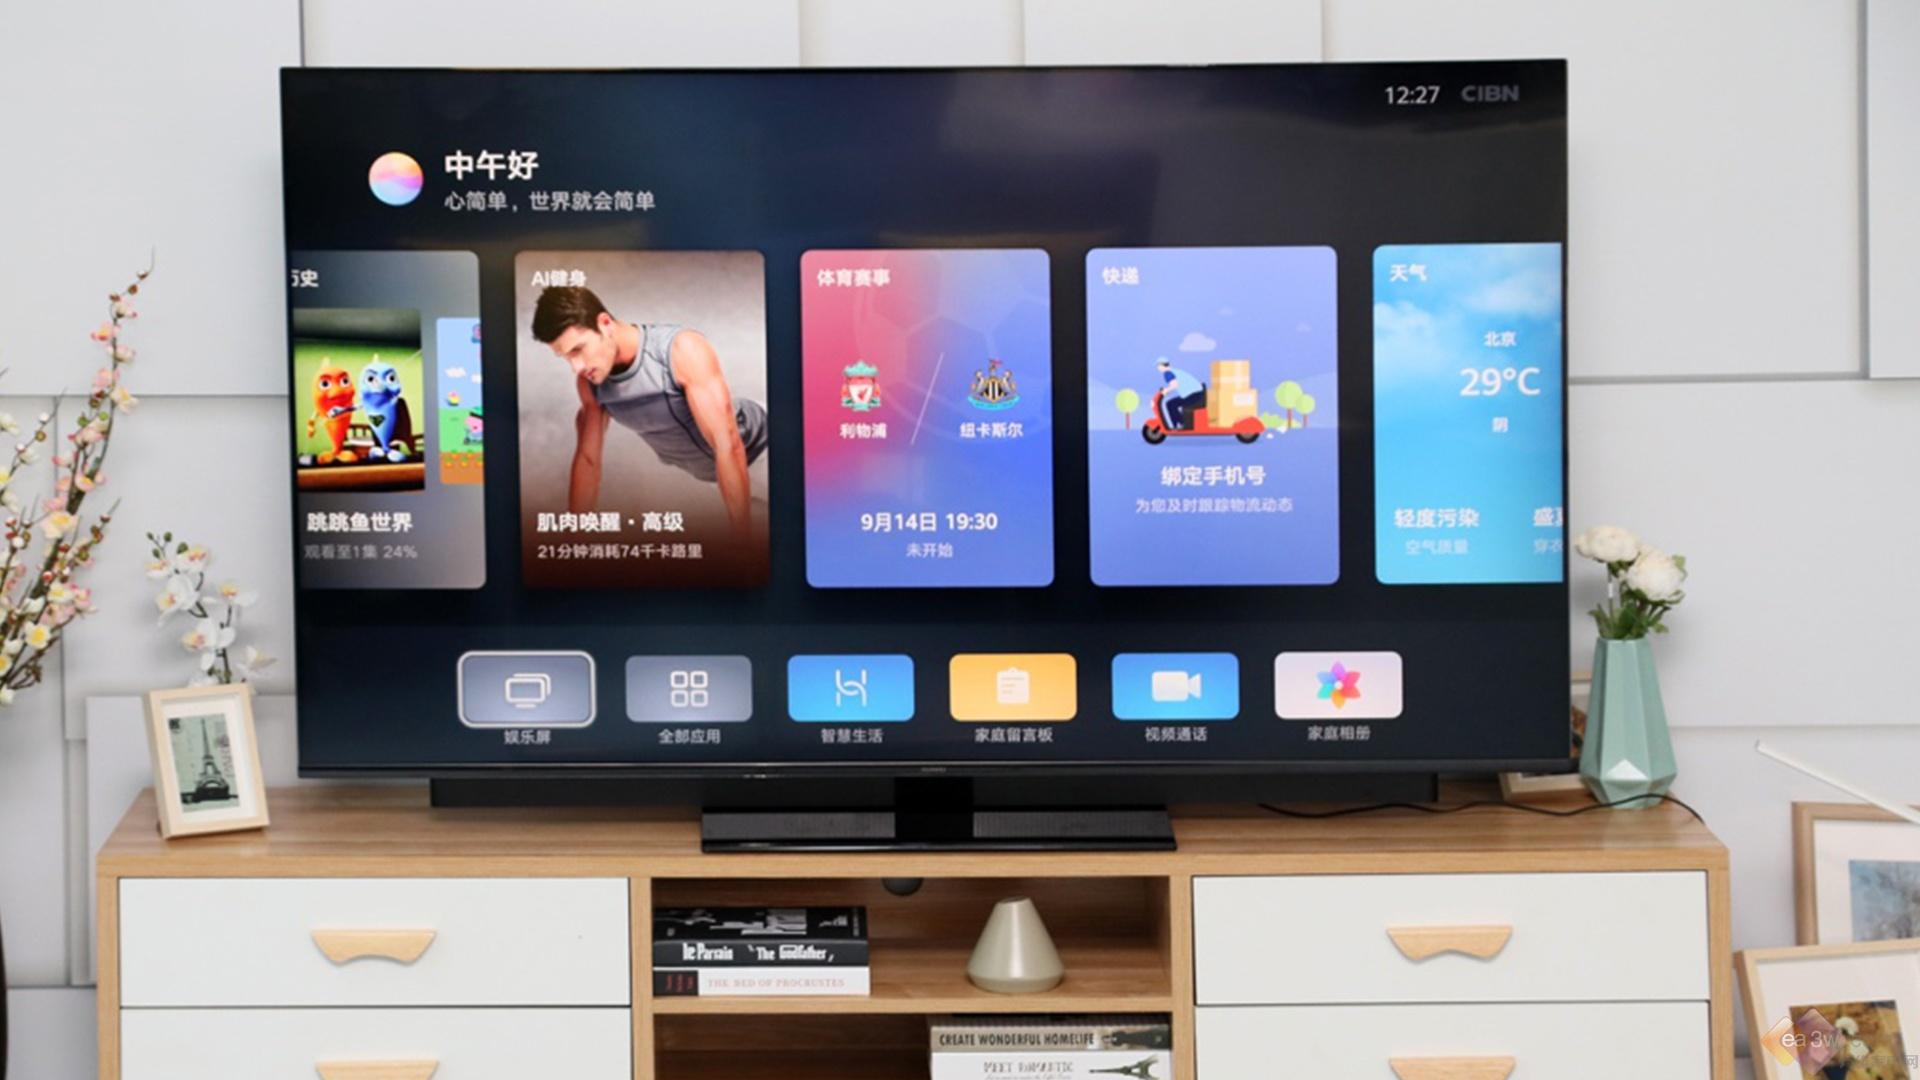 华为智慧屏体验评测:颠覆电视传统定位,未来全新智慧入口